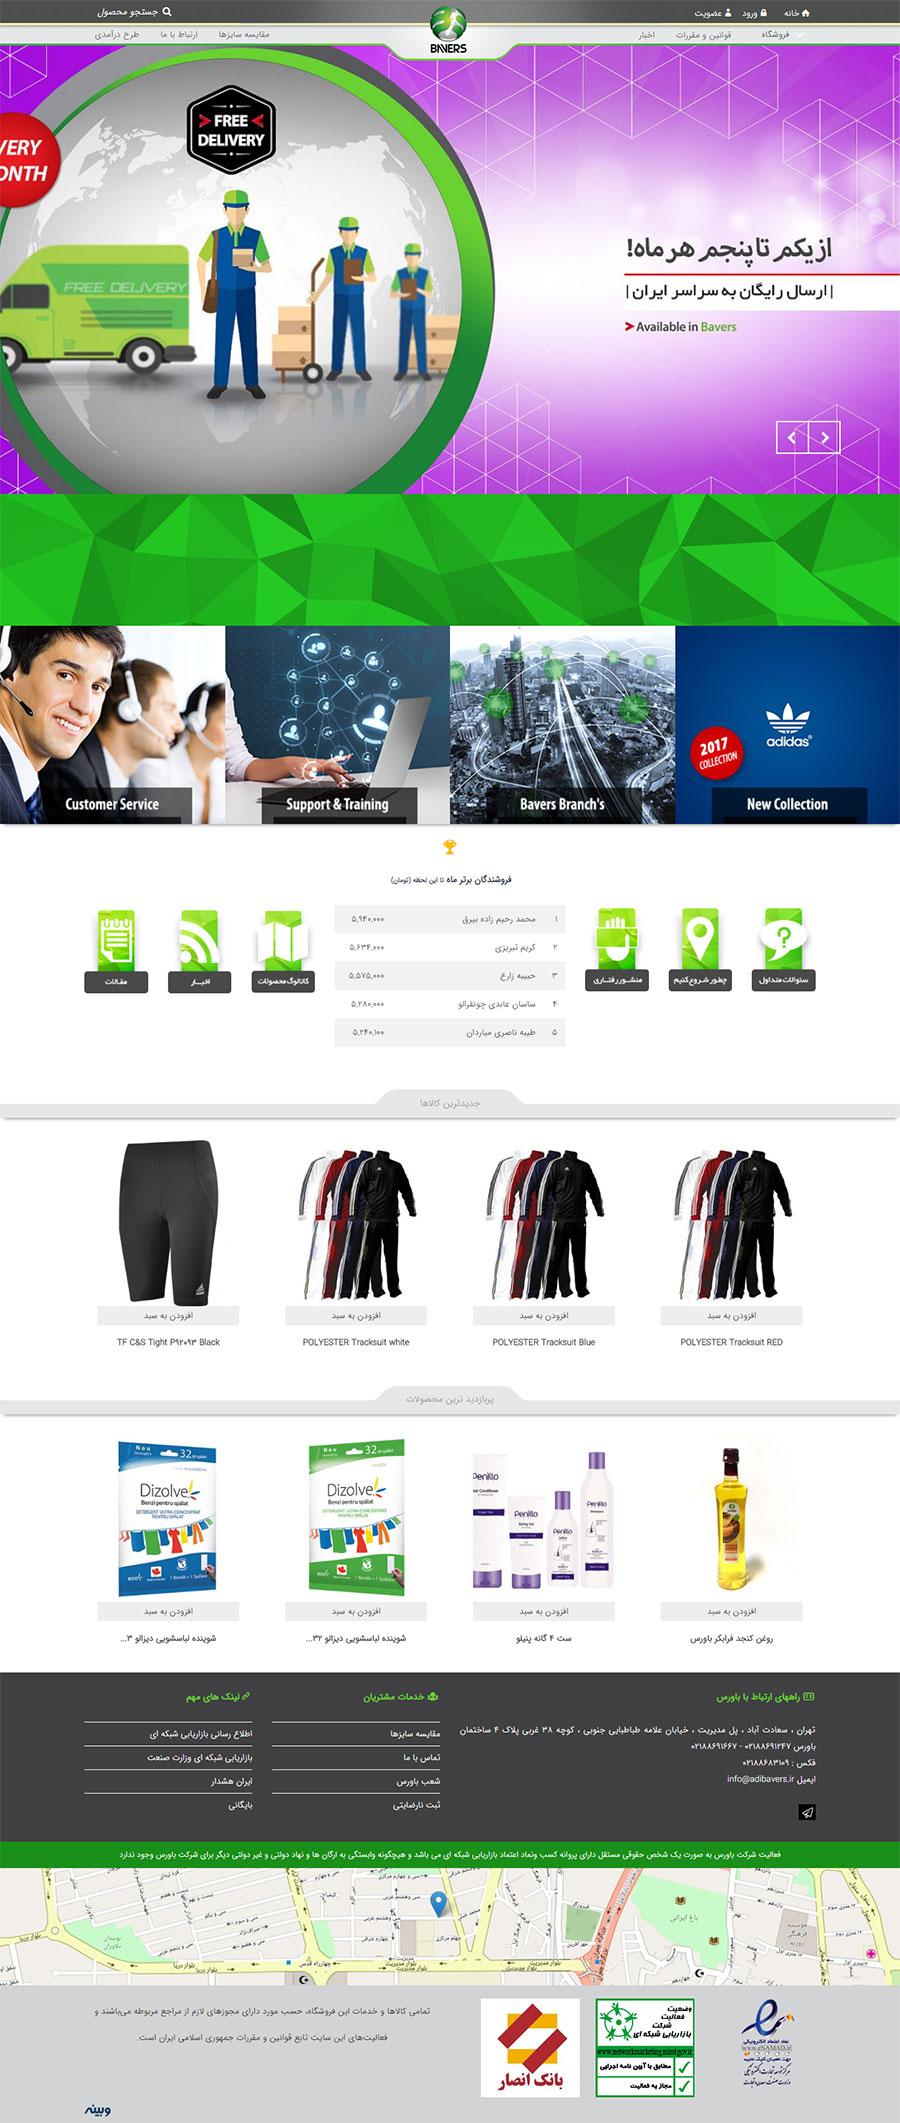 طراحی سایت بازاریابی شبکه ای باورس